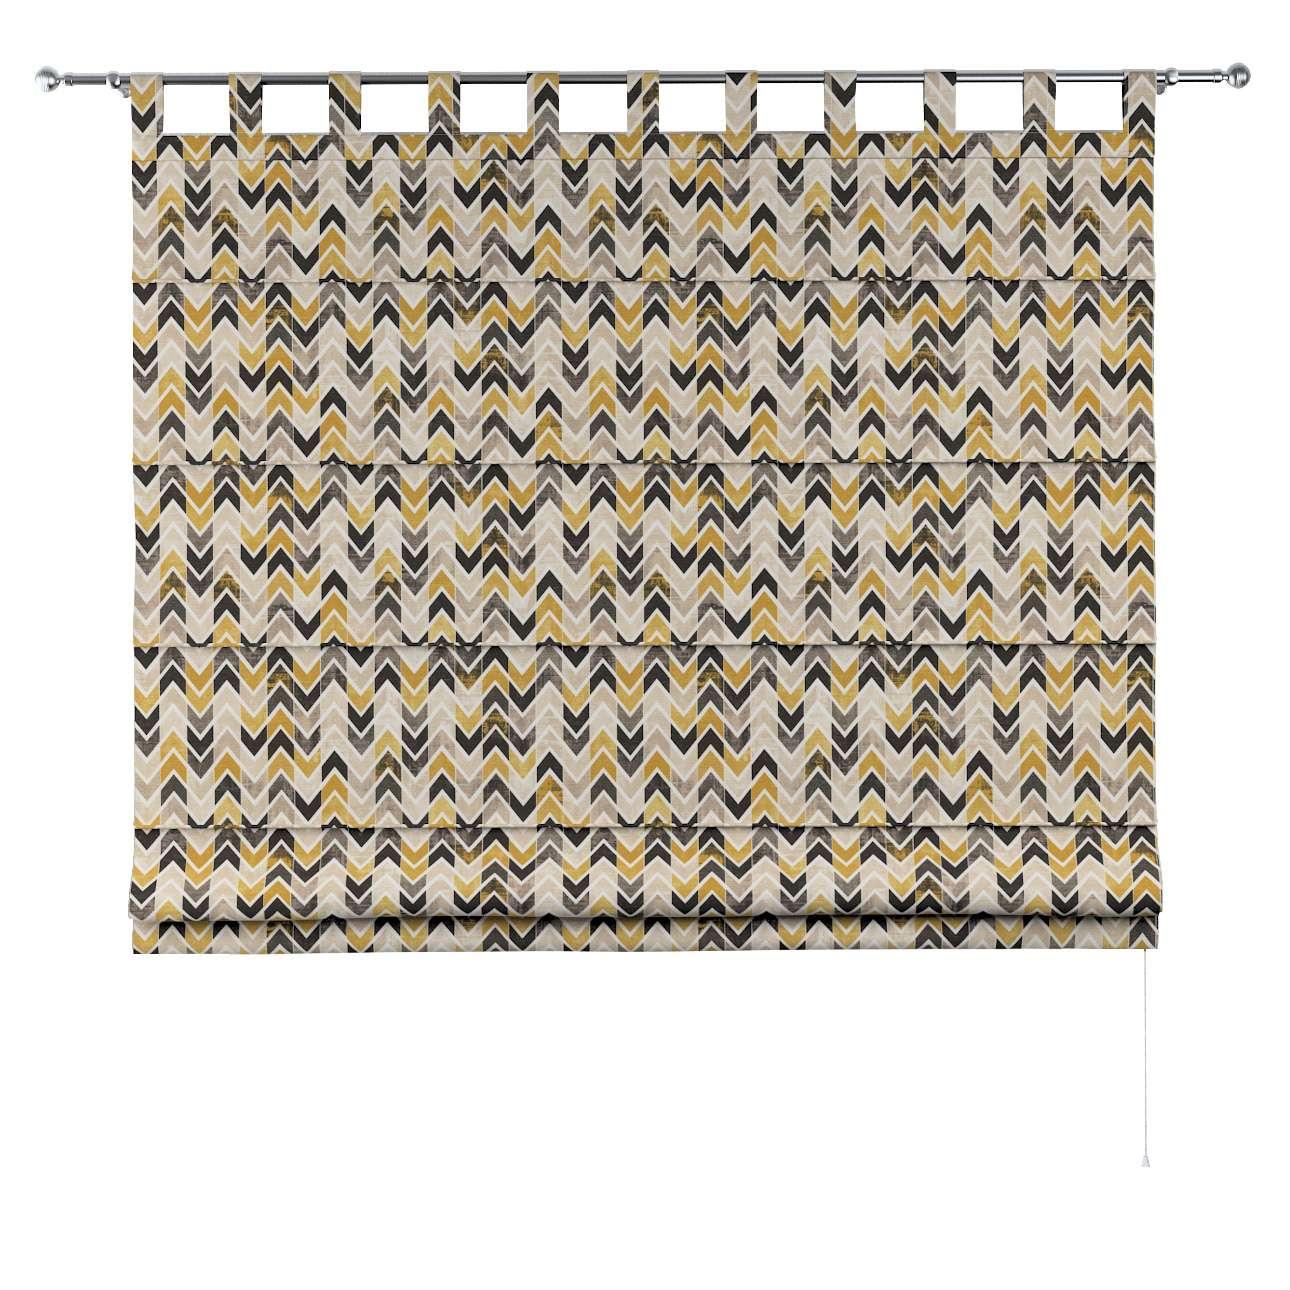 Roleta rzymska Verona w kolekcji Modern, tkanina: 142-79